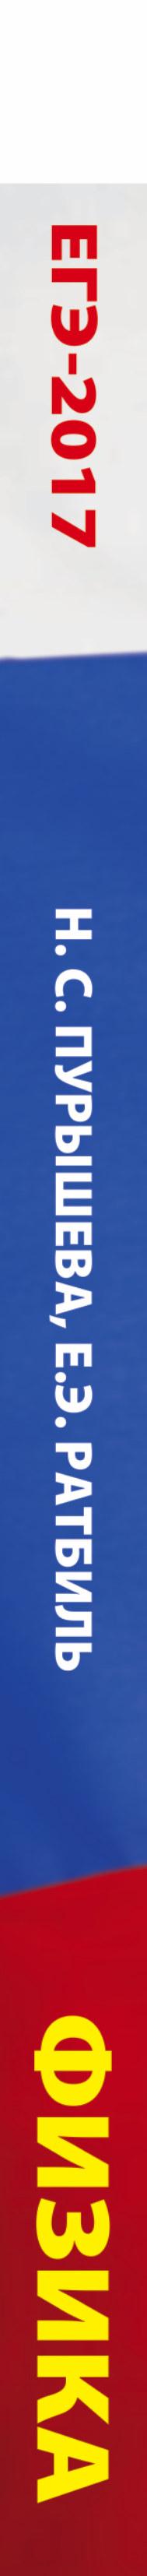 ЕГЭ-2017. Физика. 30 тренировочных вариантов экзаменационных работ для подготовки к единому государственному экзамену